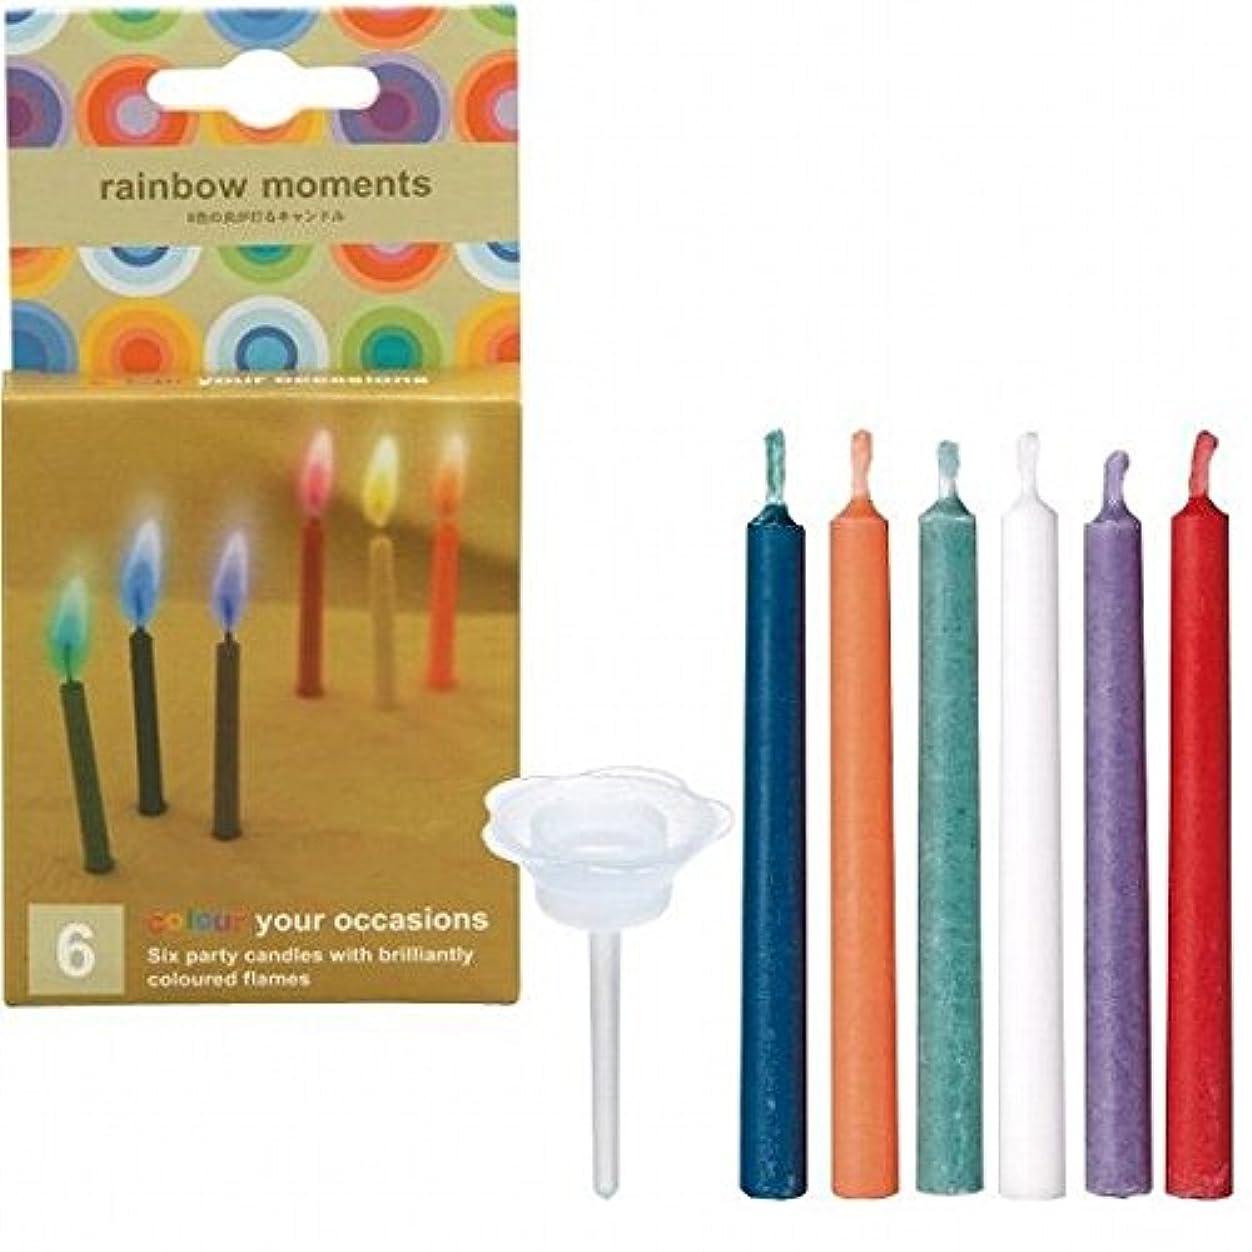 あいまいなじゃがいも溶融kameyama candle(カメヤマキャンドル) rainbowmoments(レインボーモーメント)6色6本入り 「 6本入り 」 キャンドル(56050000)